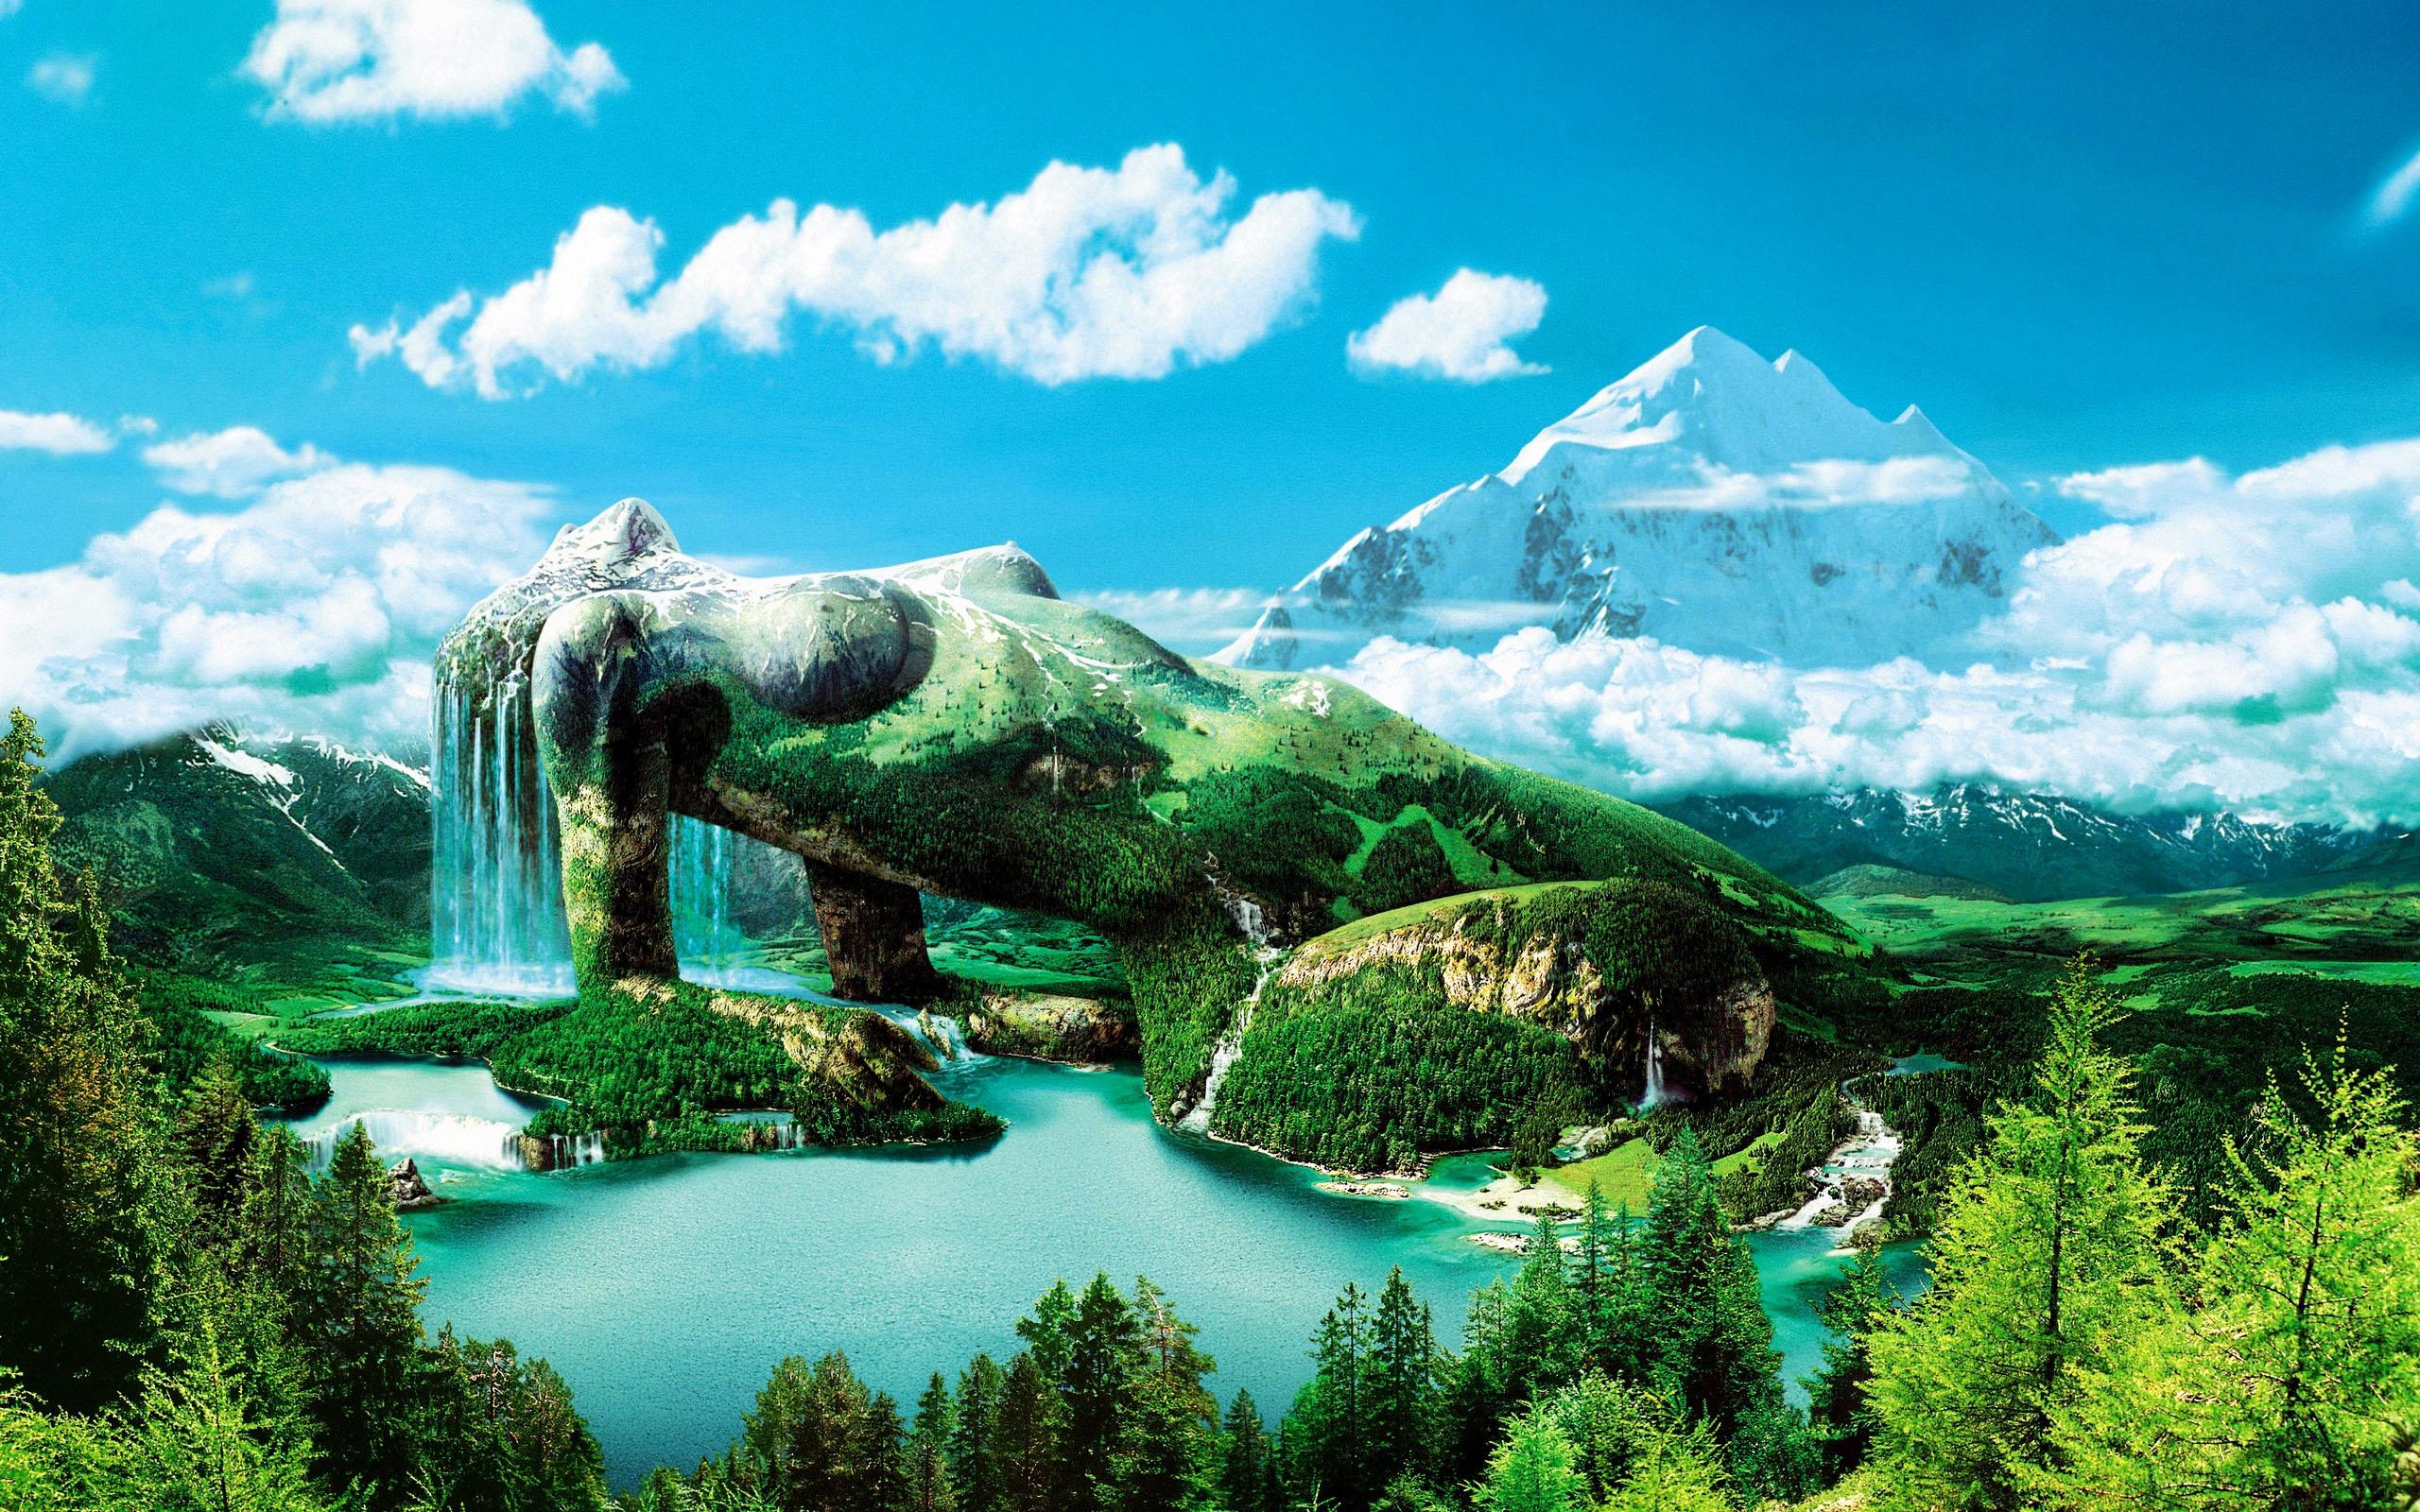 https://maessage.wordpress.com — lac entouré de forêts au premier plan, montagne enneigée à l'arrière-plan sur un ciel bleu un peu nuageux. Au milieu, une femme allongée et accoudée forme une montagne verdoyante. De ses cheveux s'écoule une grande cascade qui se déverse dans le lac • photomontage digital de Hans Peter KOLB, peintre digital allemand • « Magic Mountain » / « Montagne Magique »